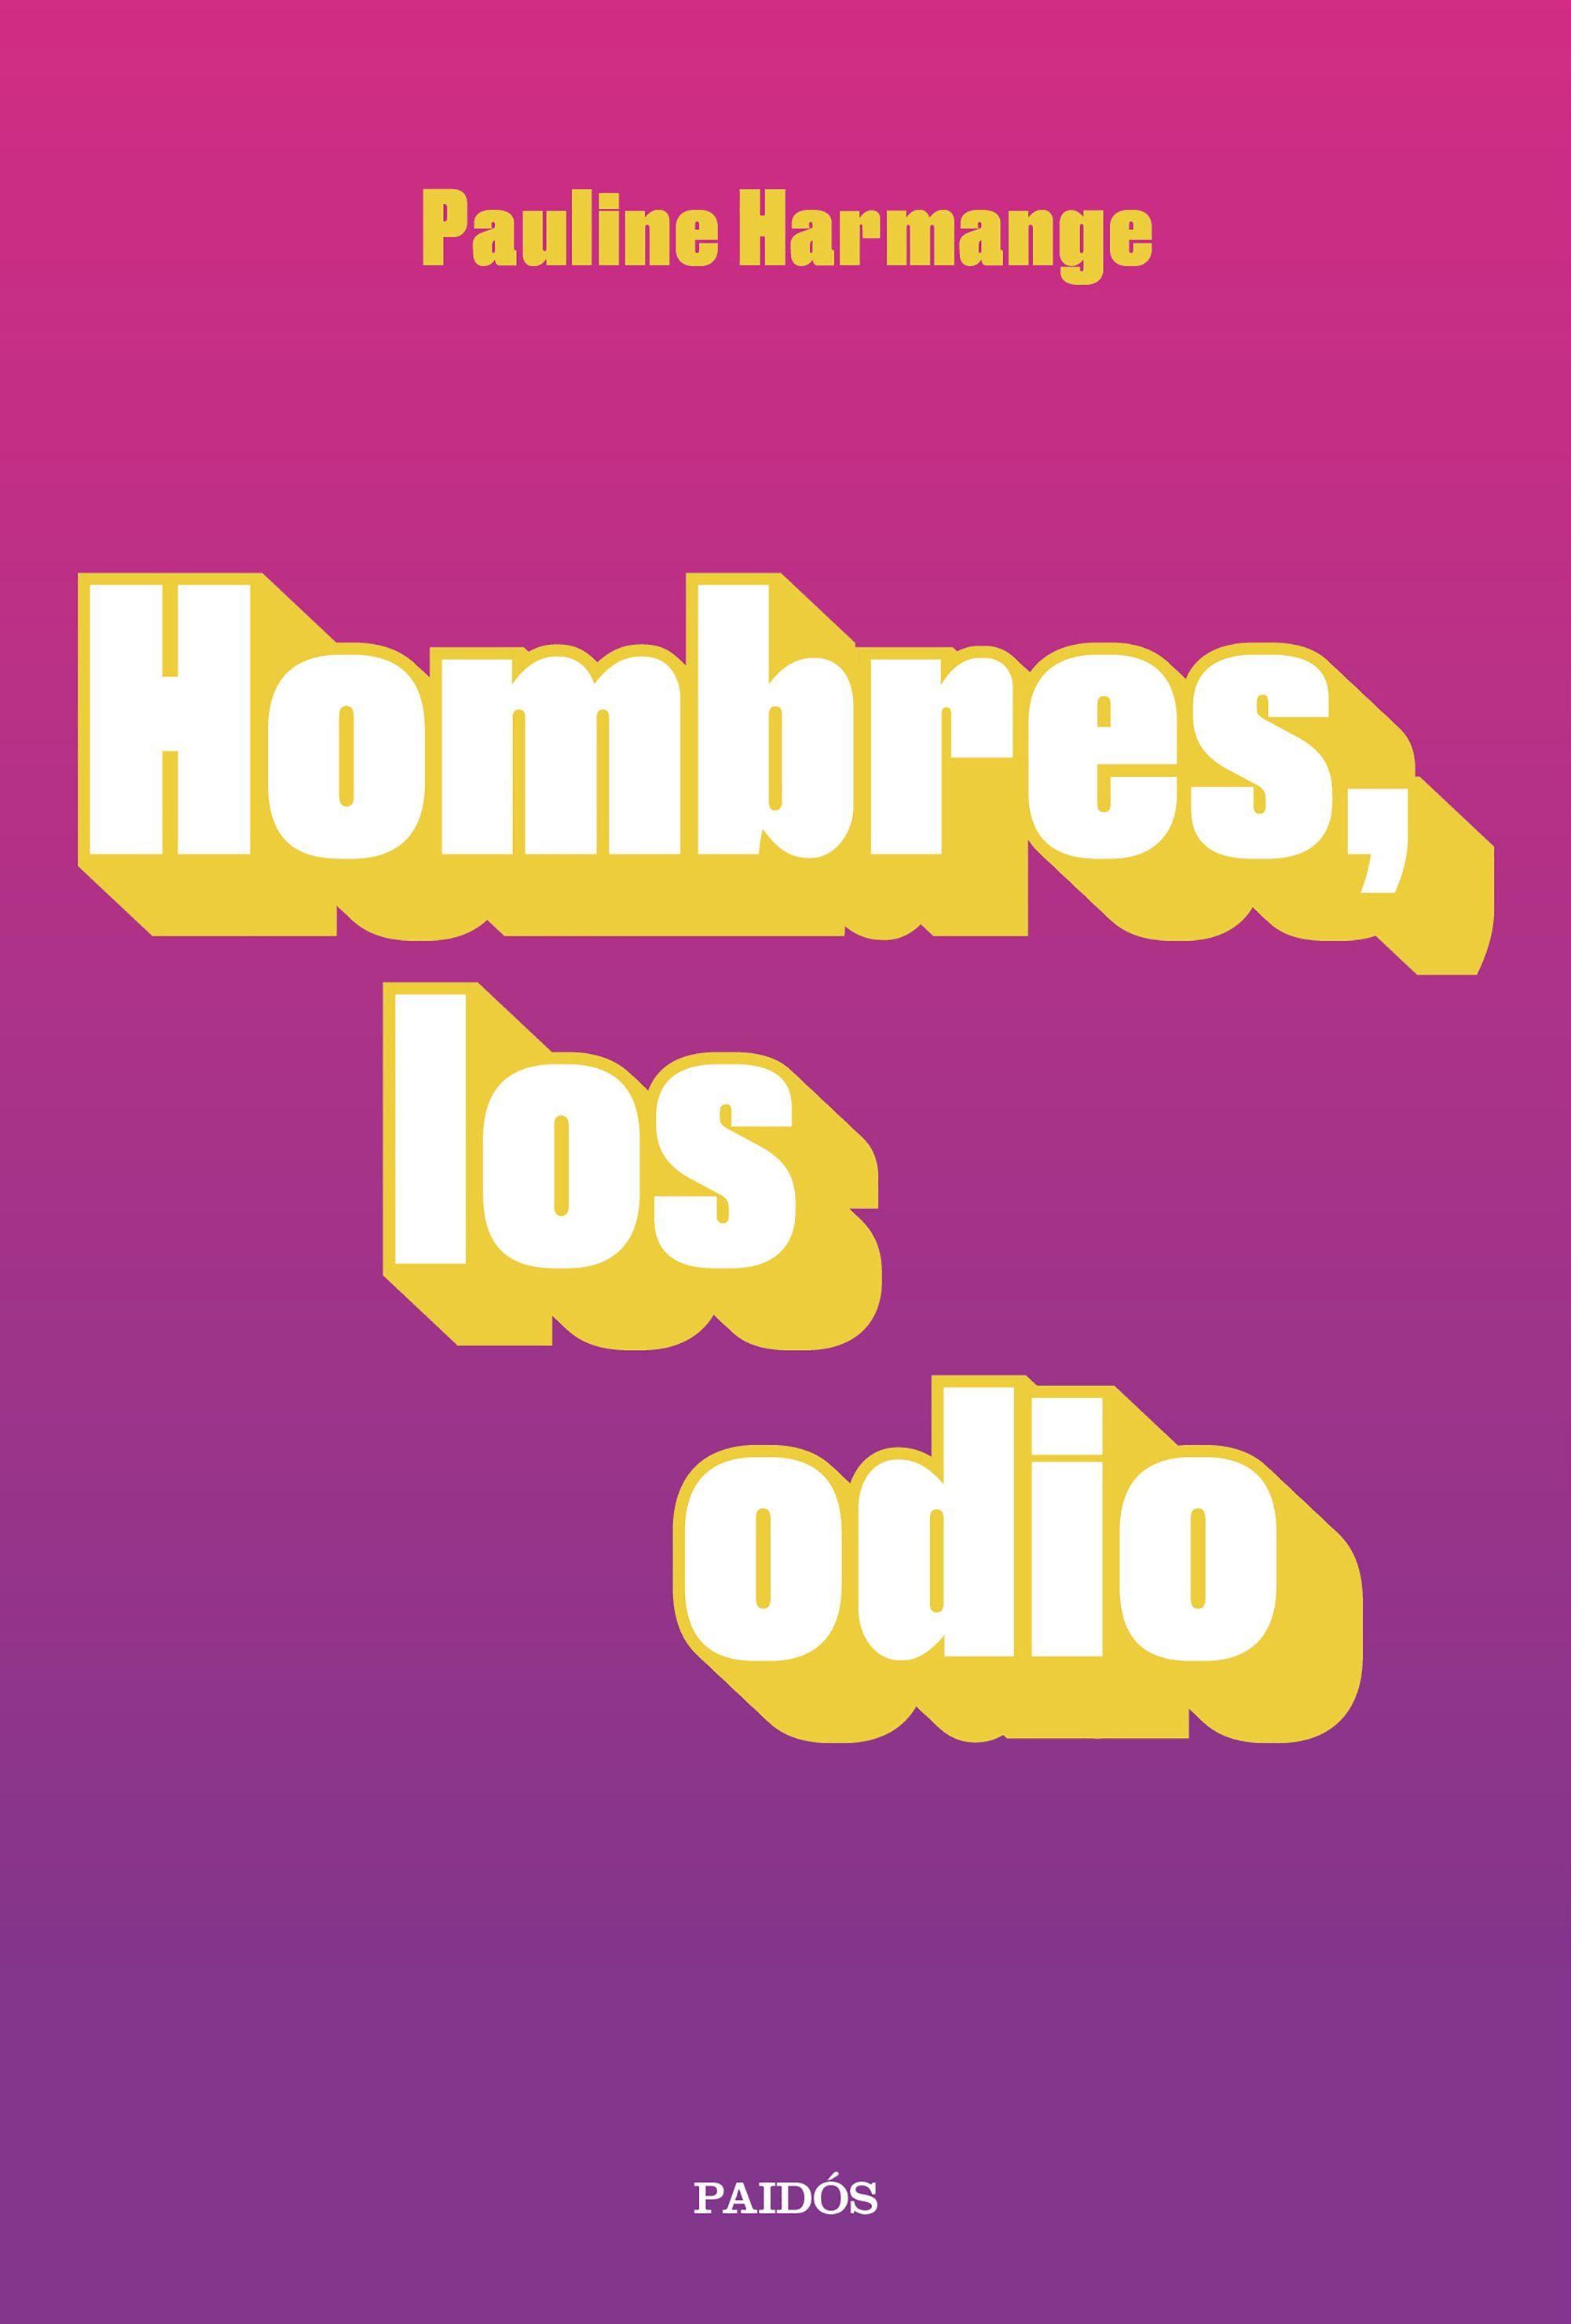 HOMBRES LOS ODIO